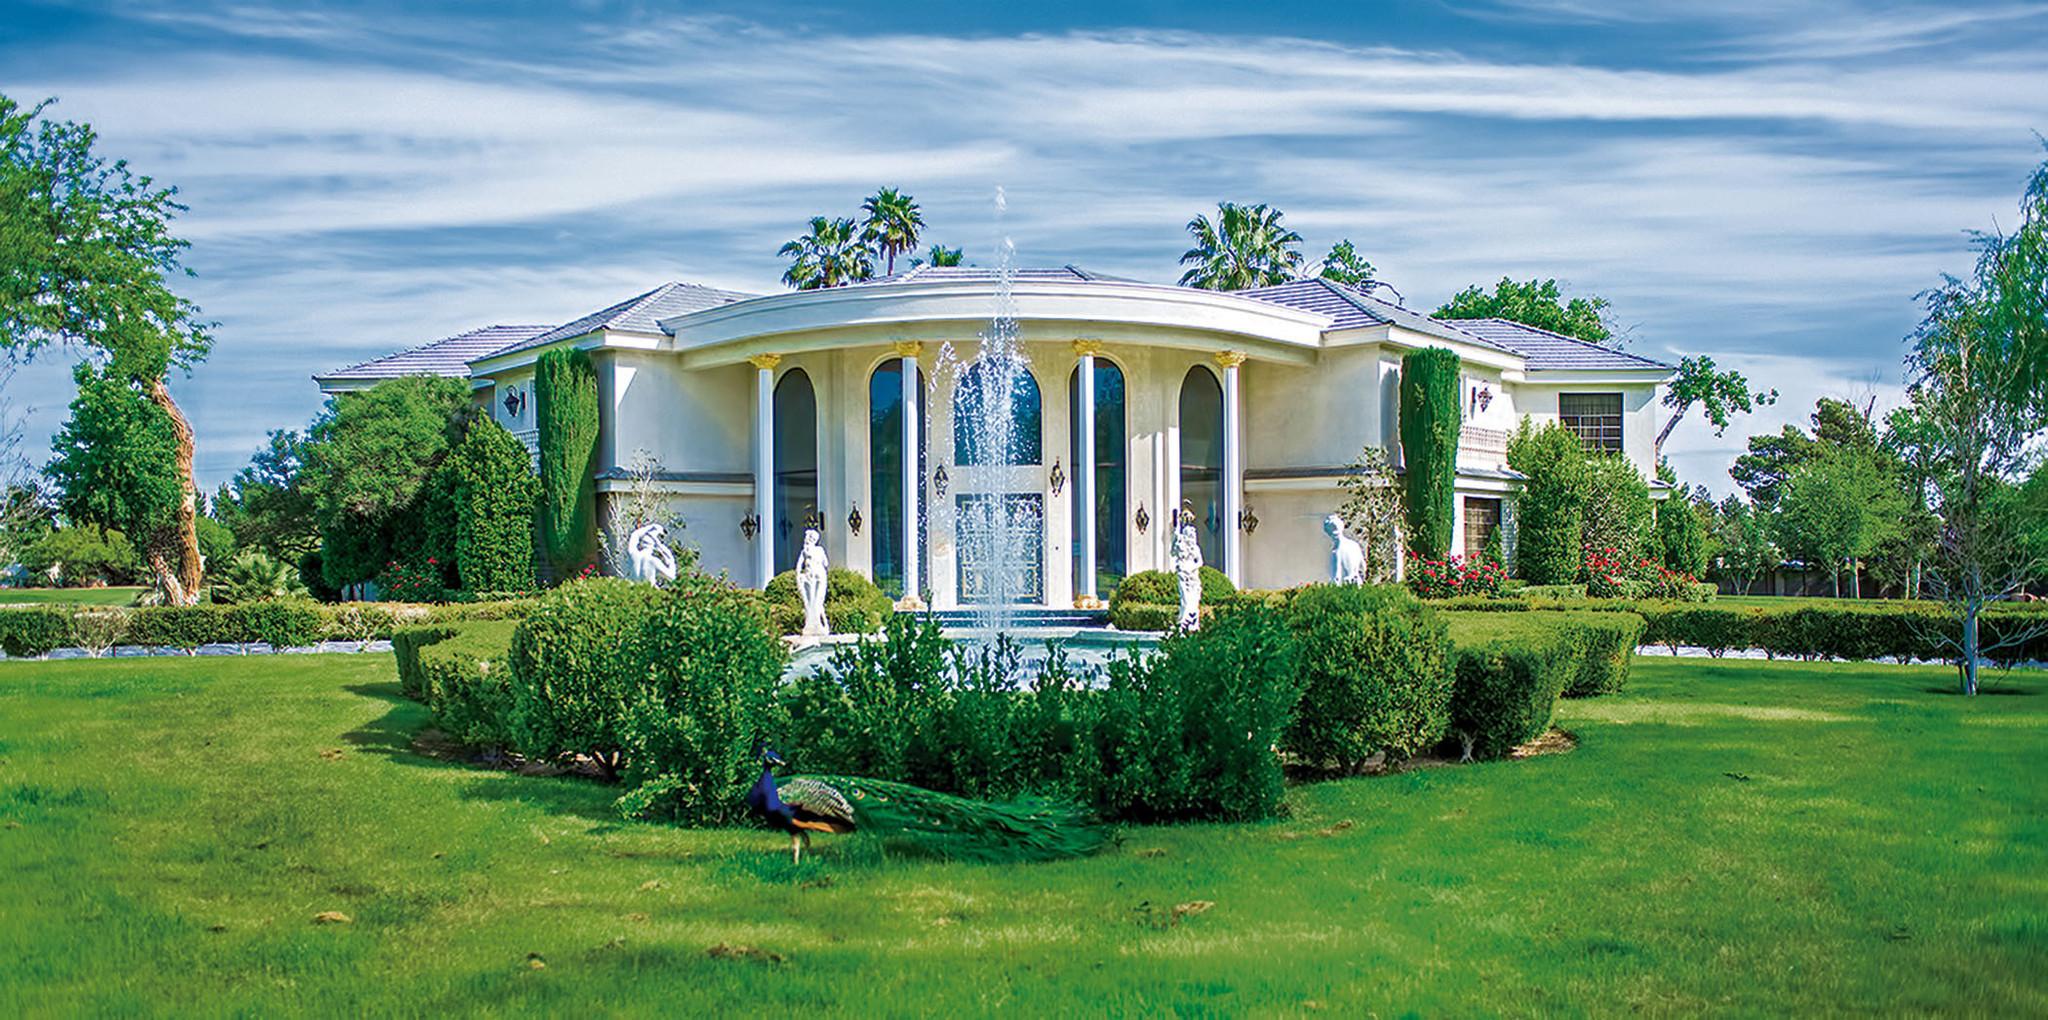 take a tour of wayne newton u0026 39 s estate  casa de shenandoah